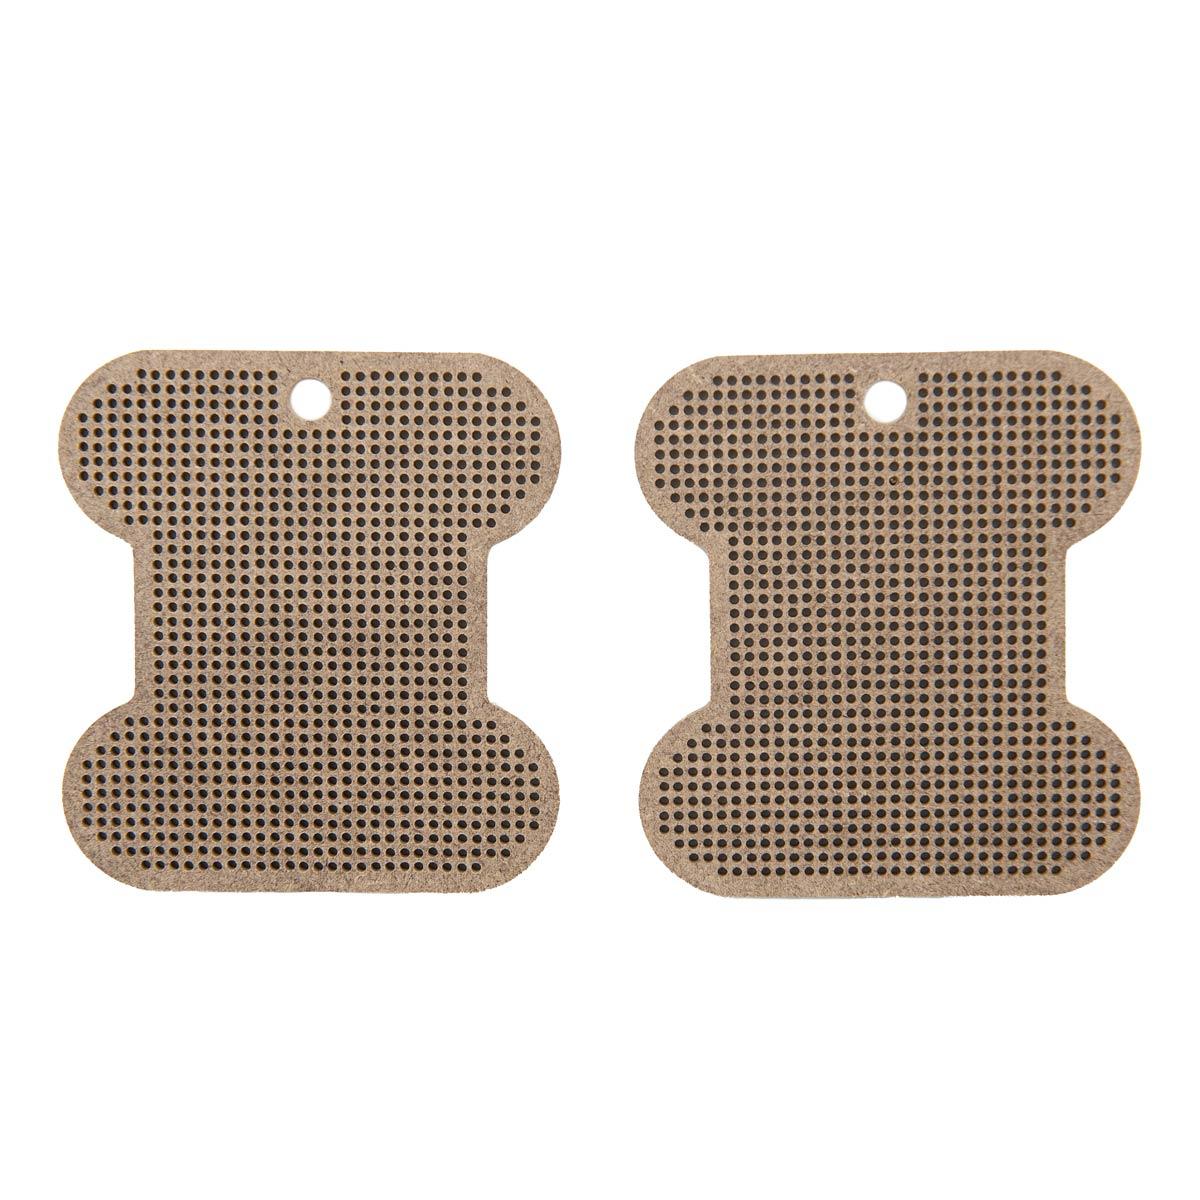 А022 2 Комплект основ для вышивания 'Бобина